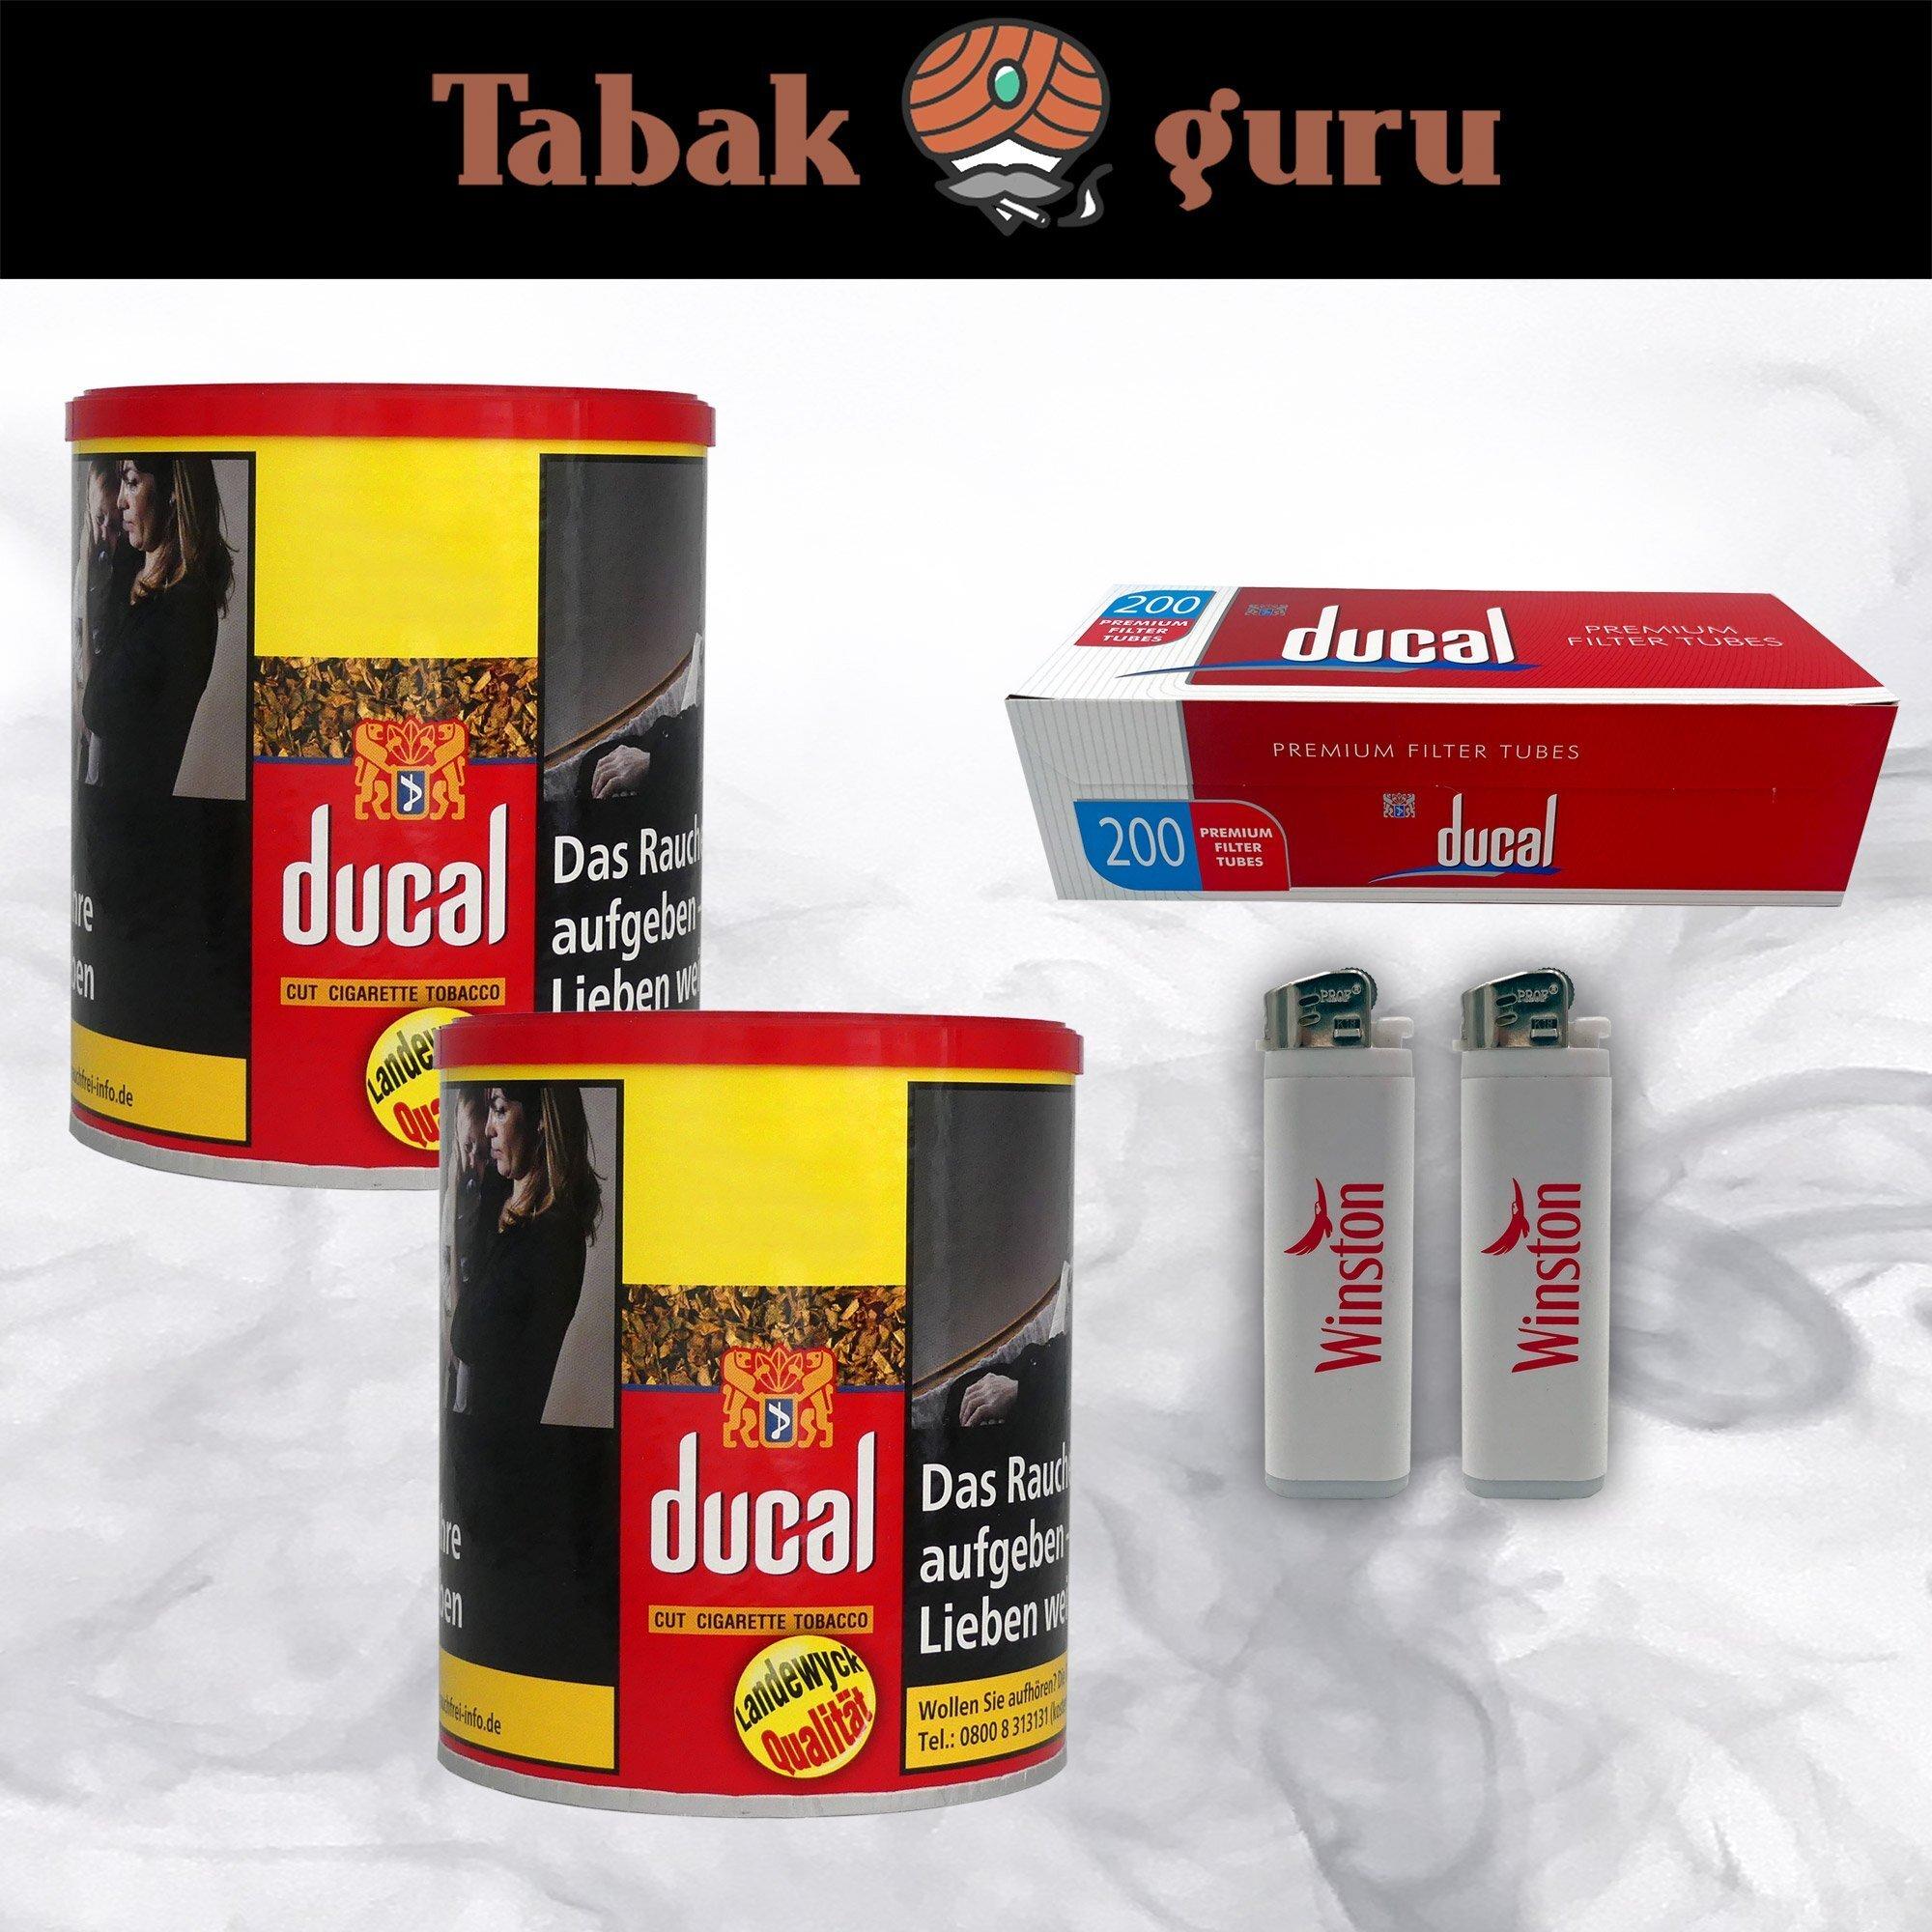 2 x Ducal Cut Tobacco Zigarettentabak 63g Dose + Ducal Hülsen + Feuerzeuge